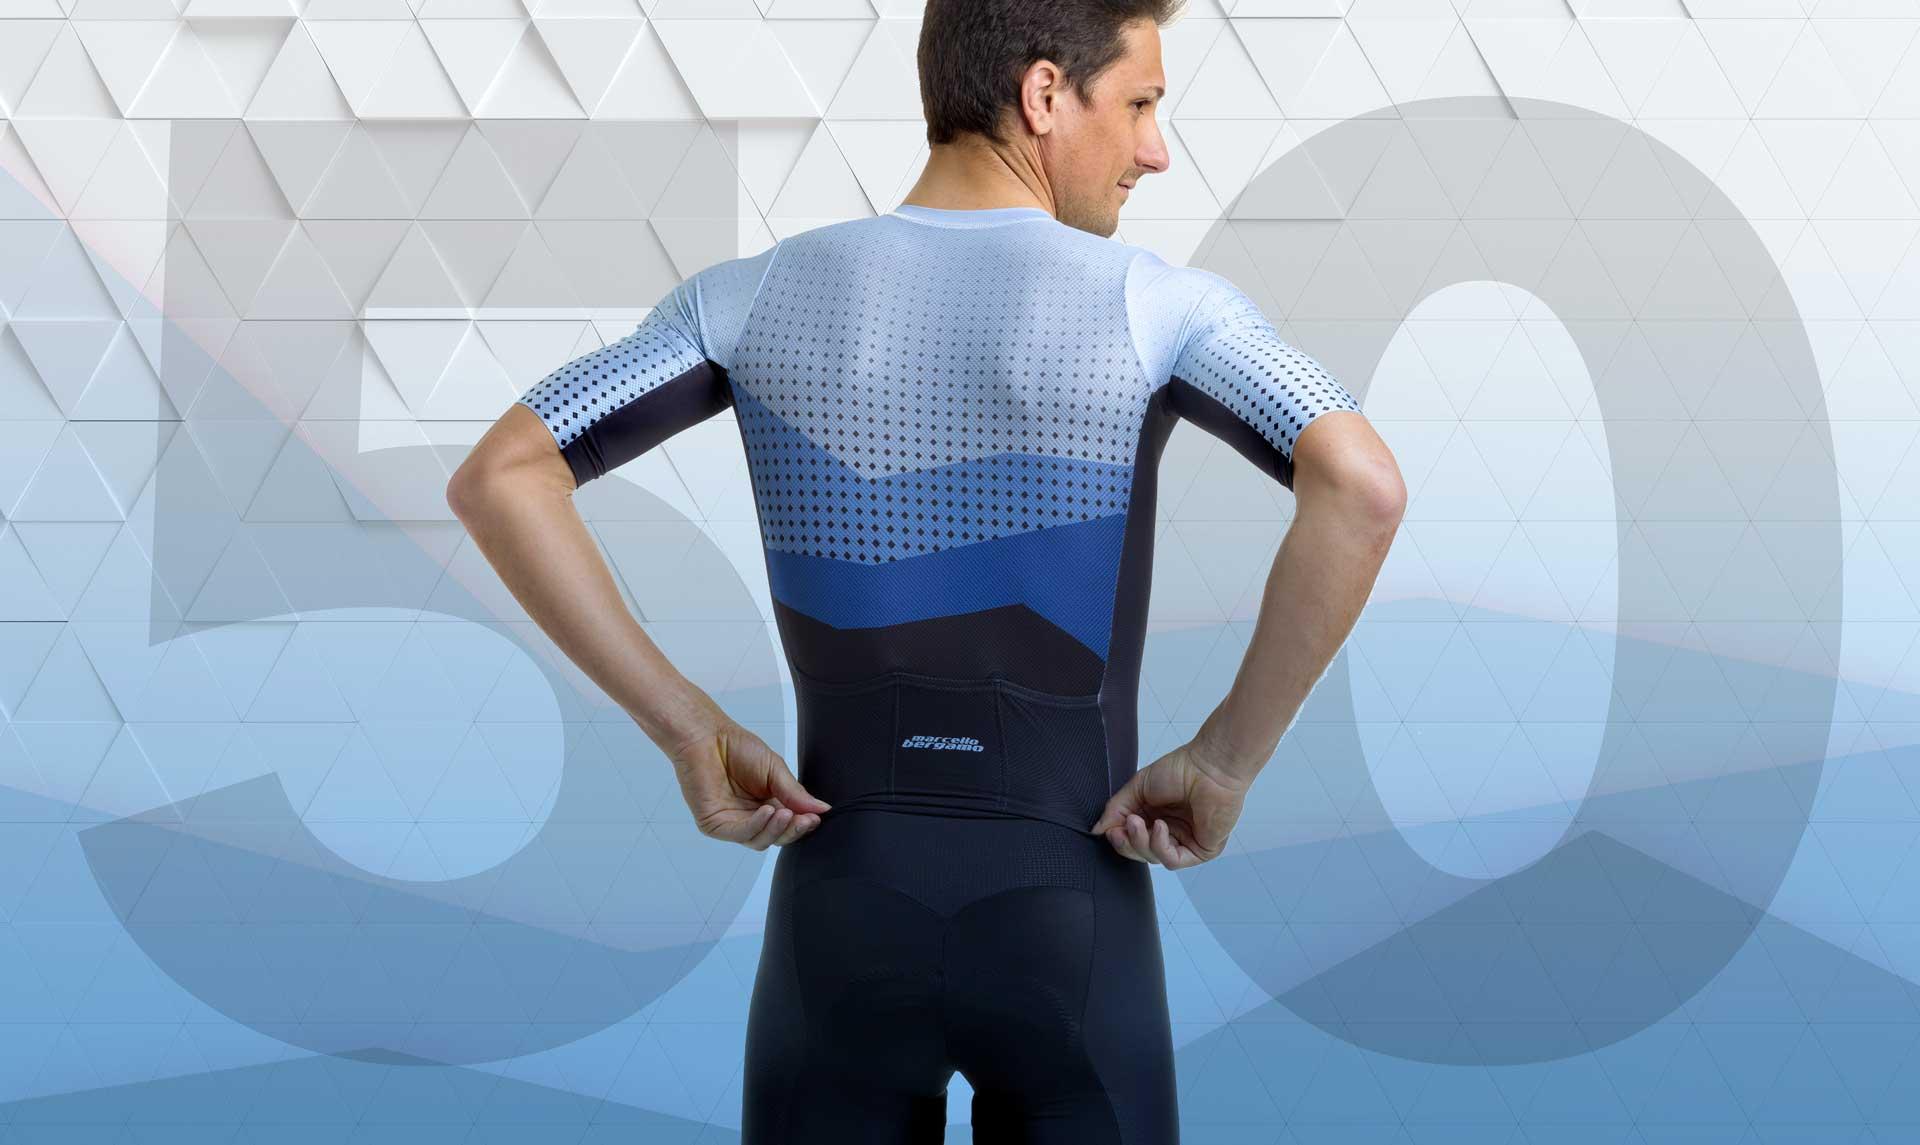 Marcello Bergamo abbigliamento custom ciclismo sconti 2021